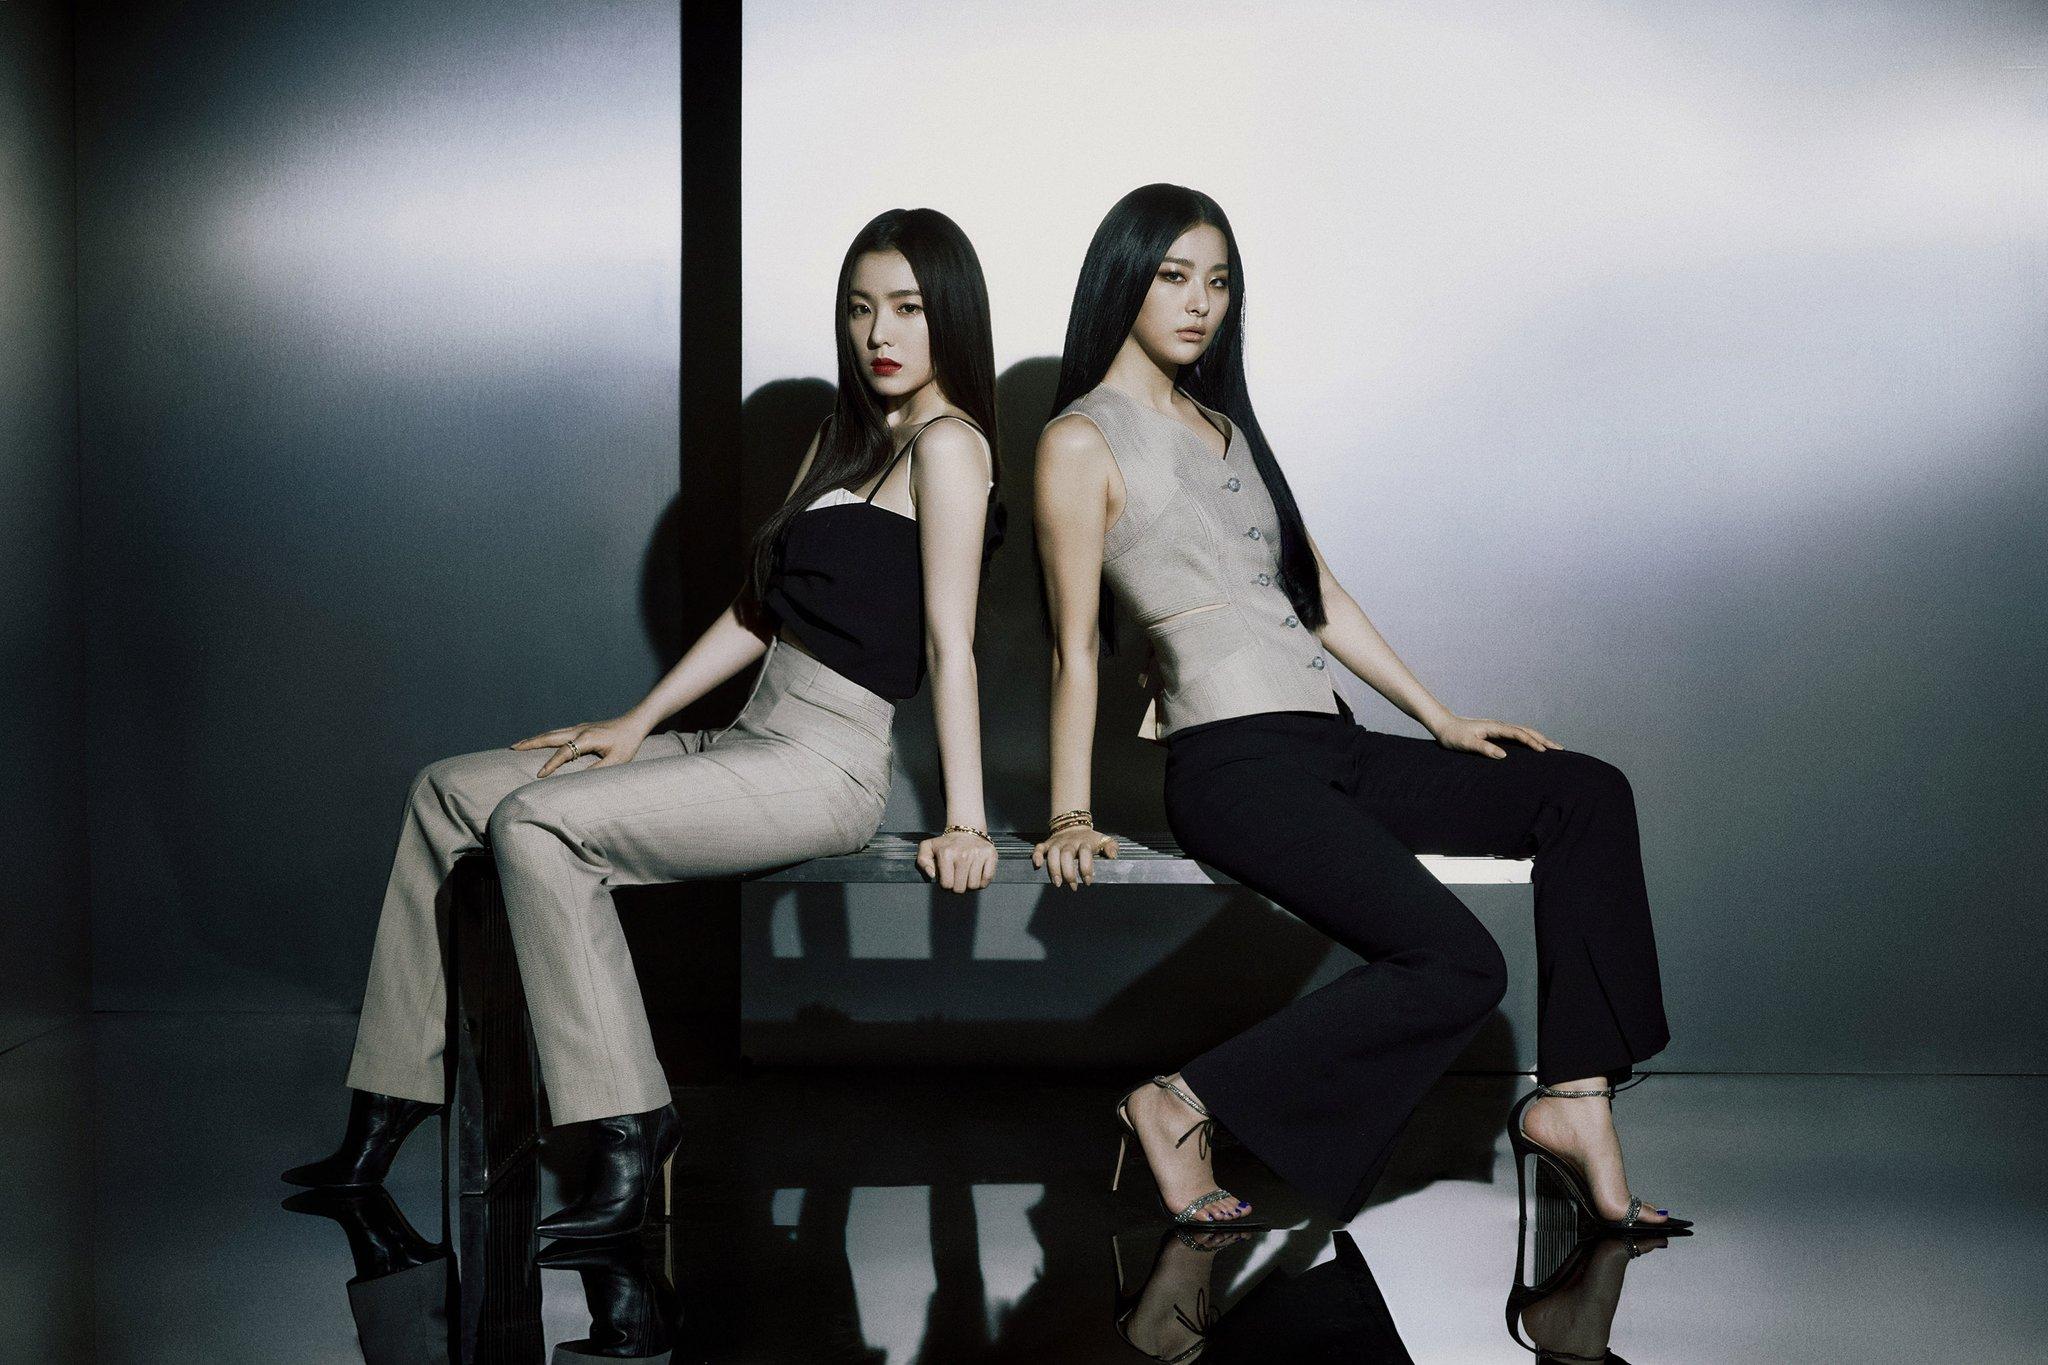 Irene y Seulgi revelan detalles íntimos de la subunidad de Red Velvet